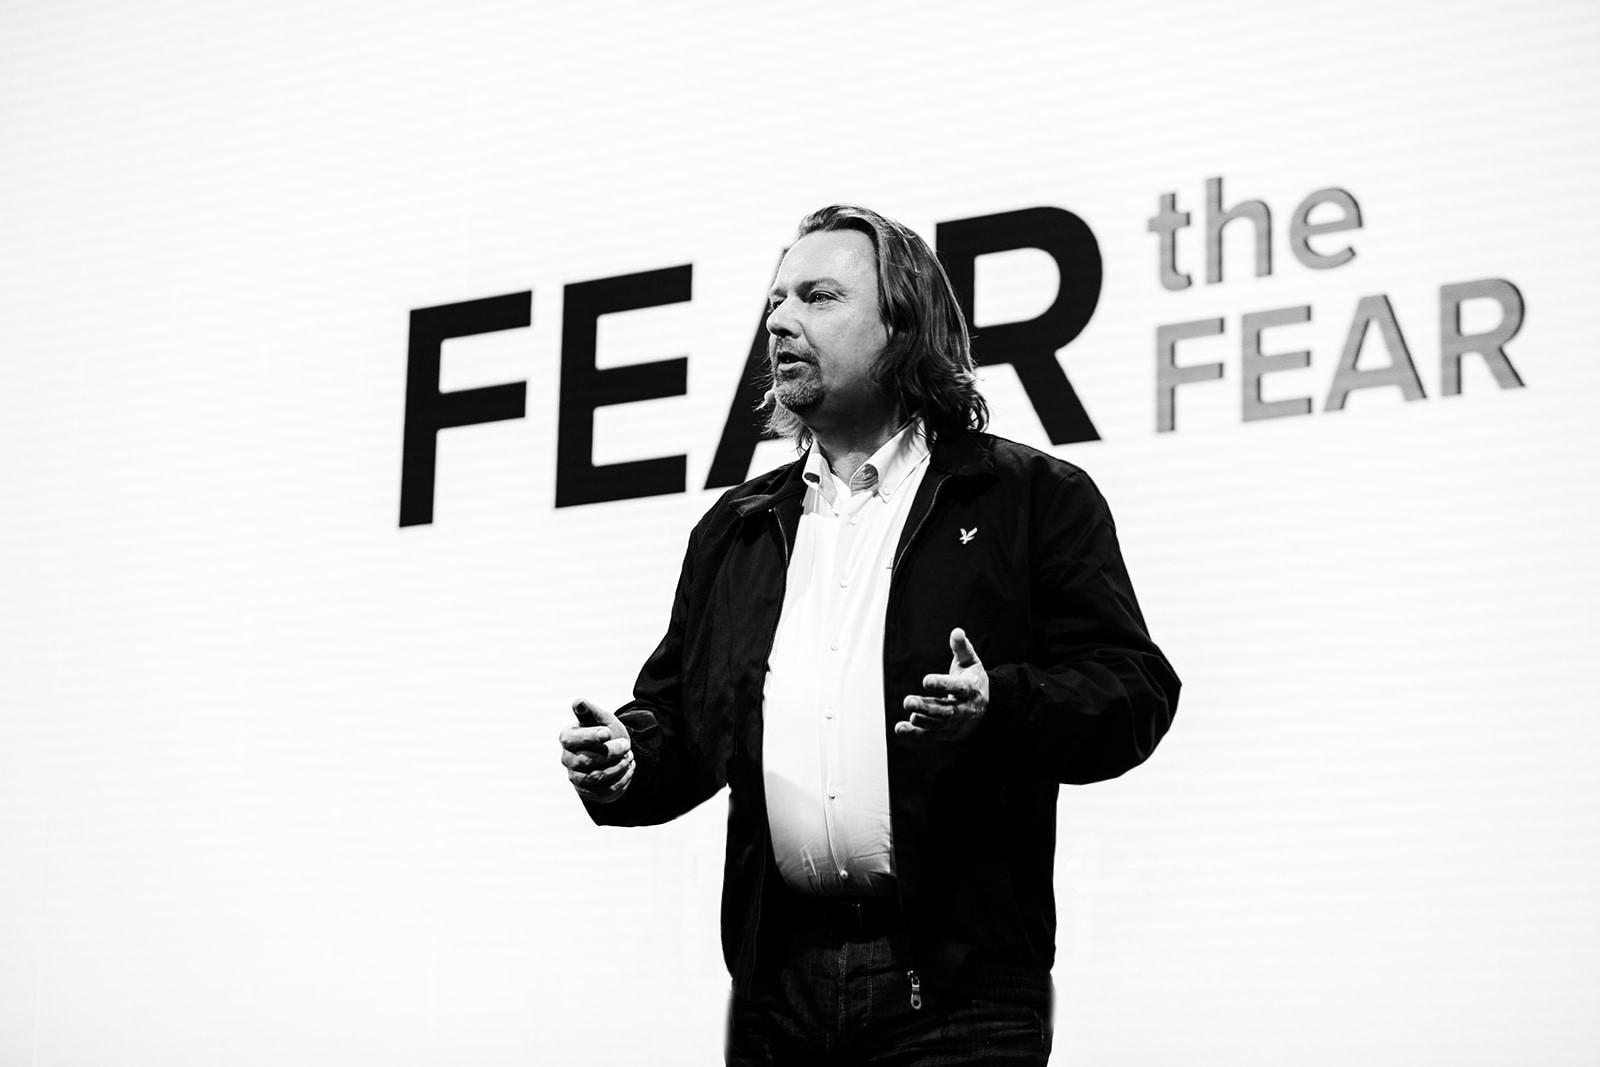 fear TheFear